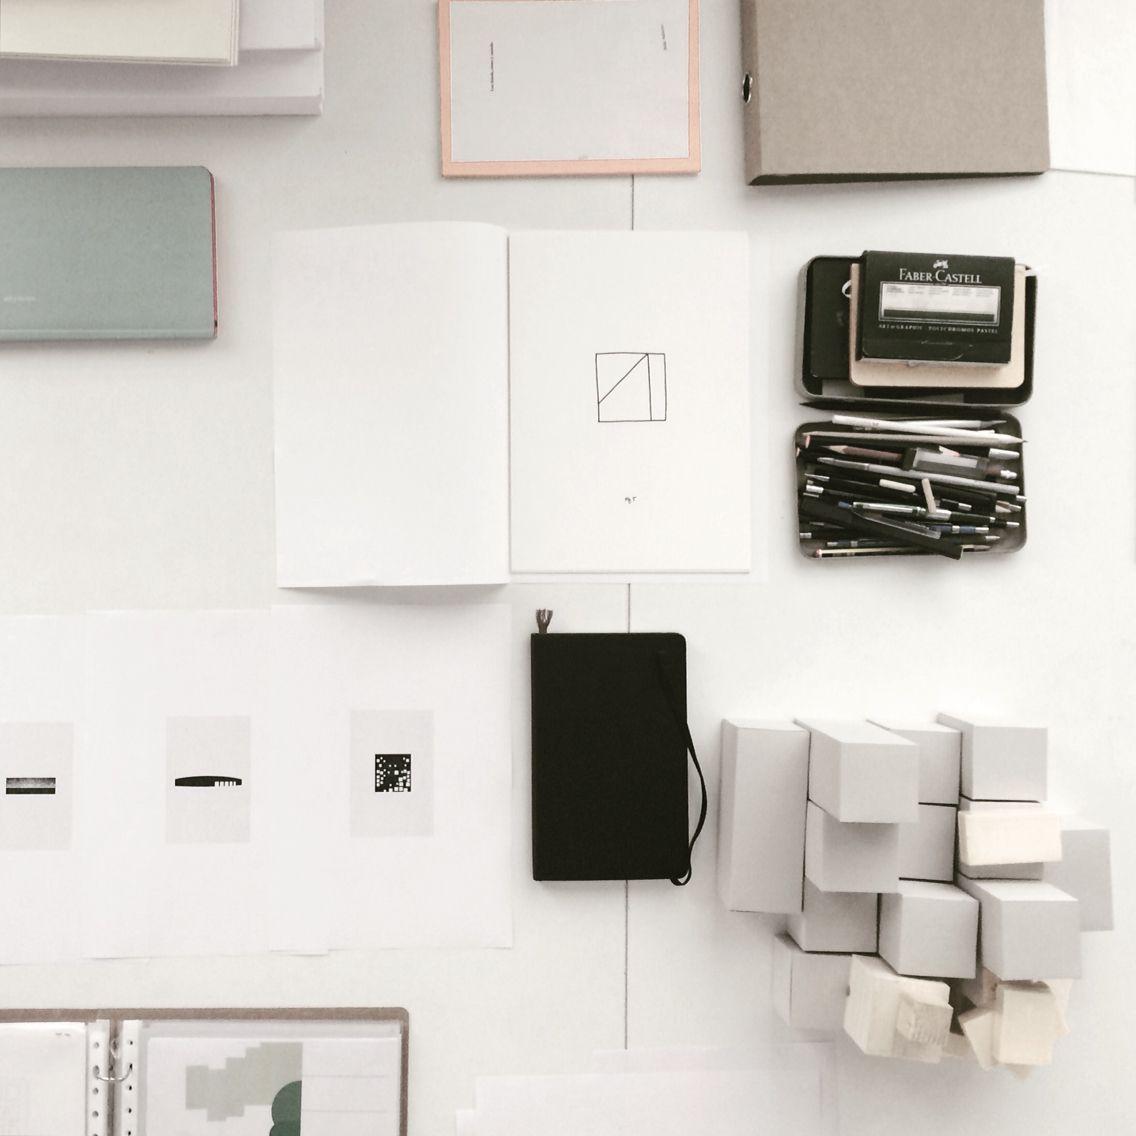 studio didac ballester — diseñador